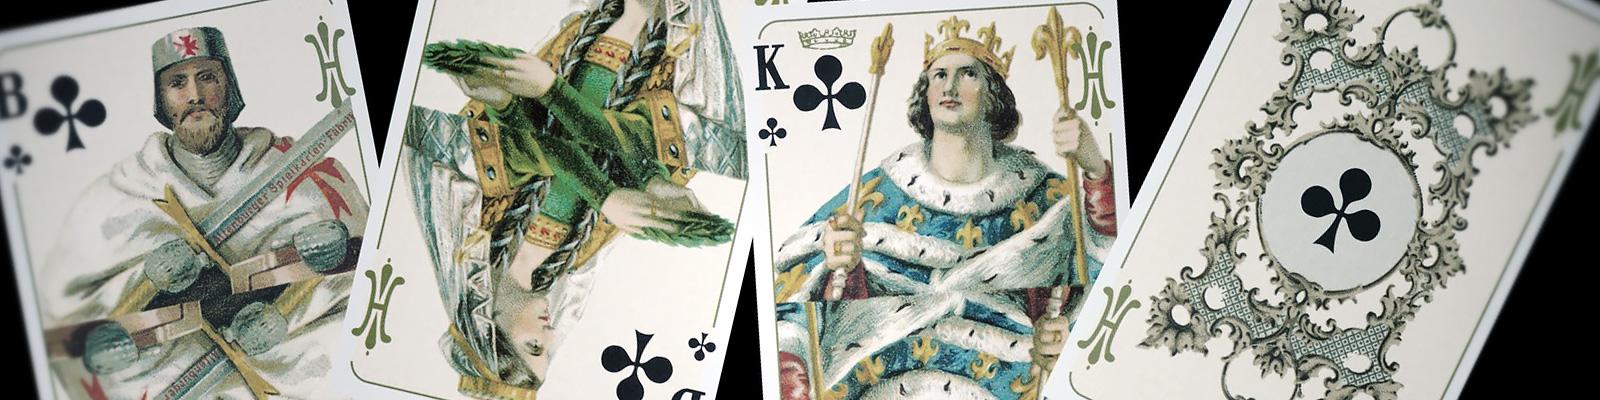 カードゲーム イメージ